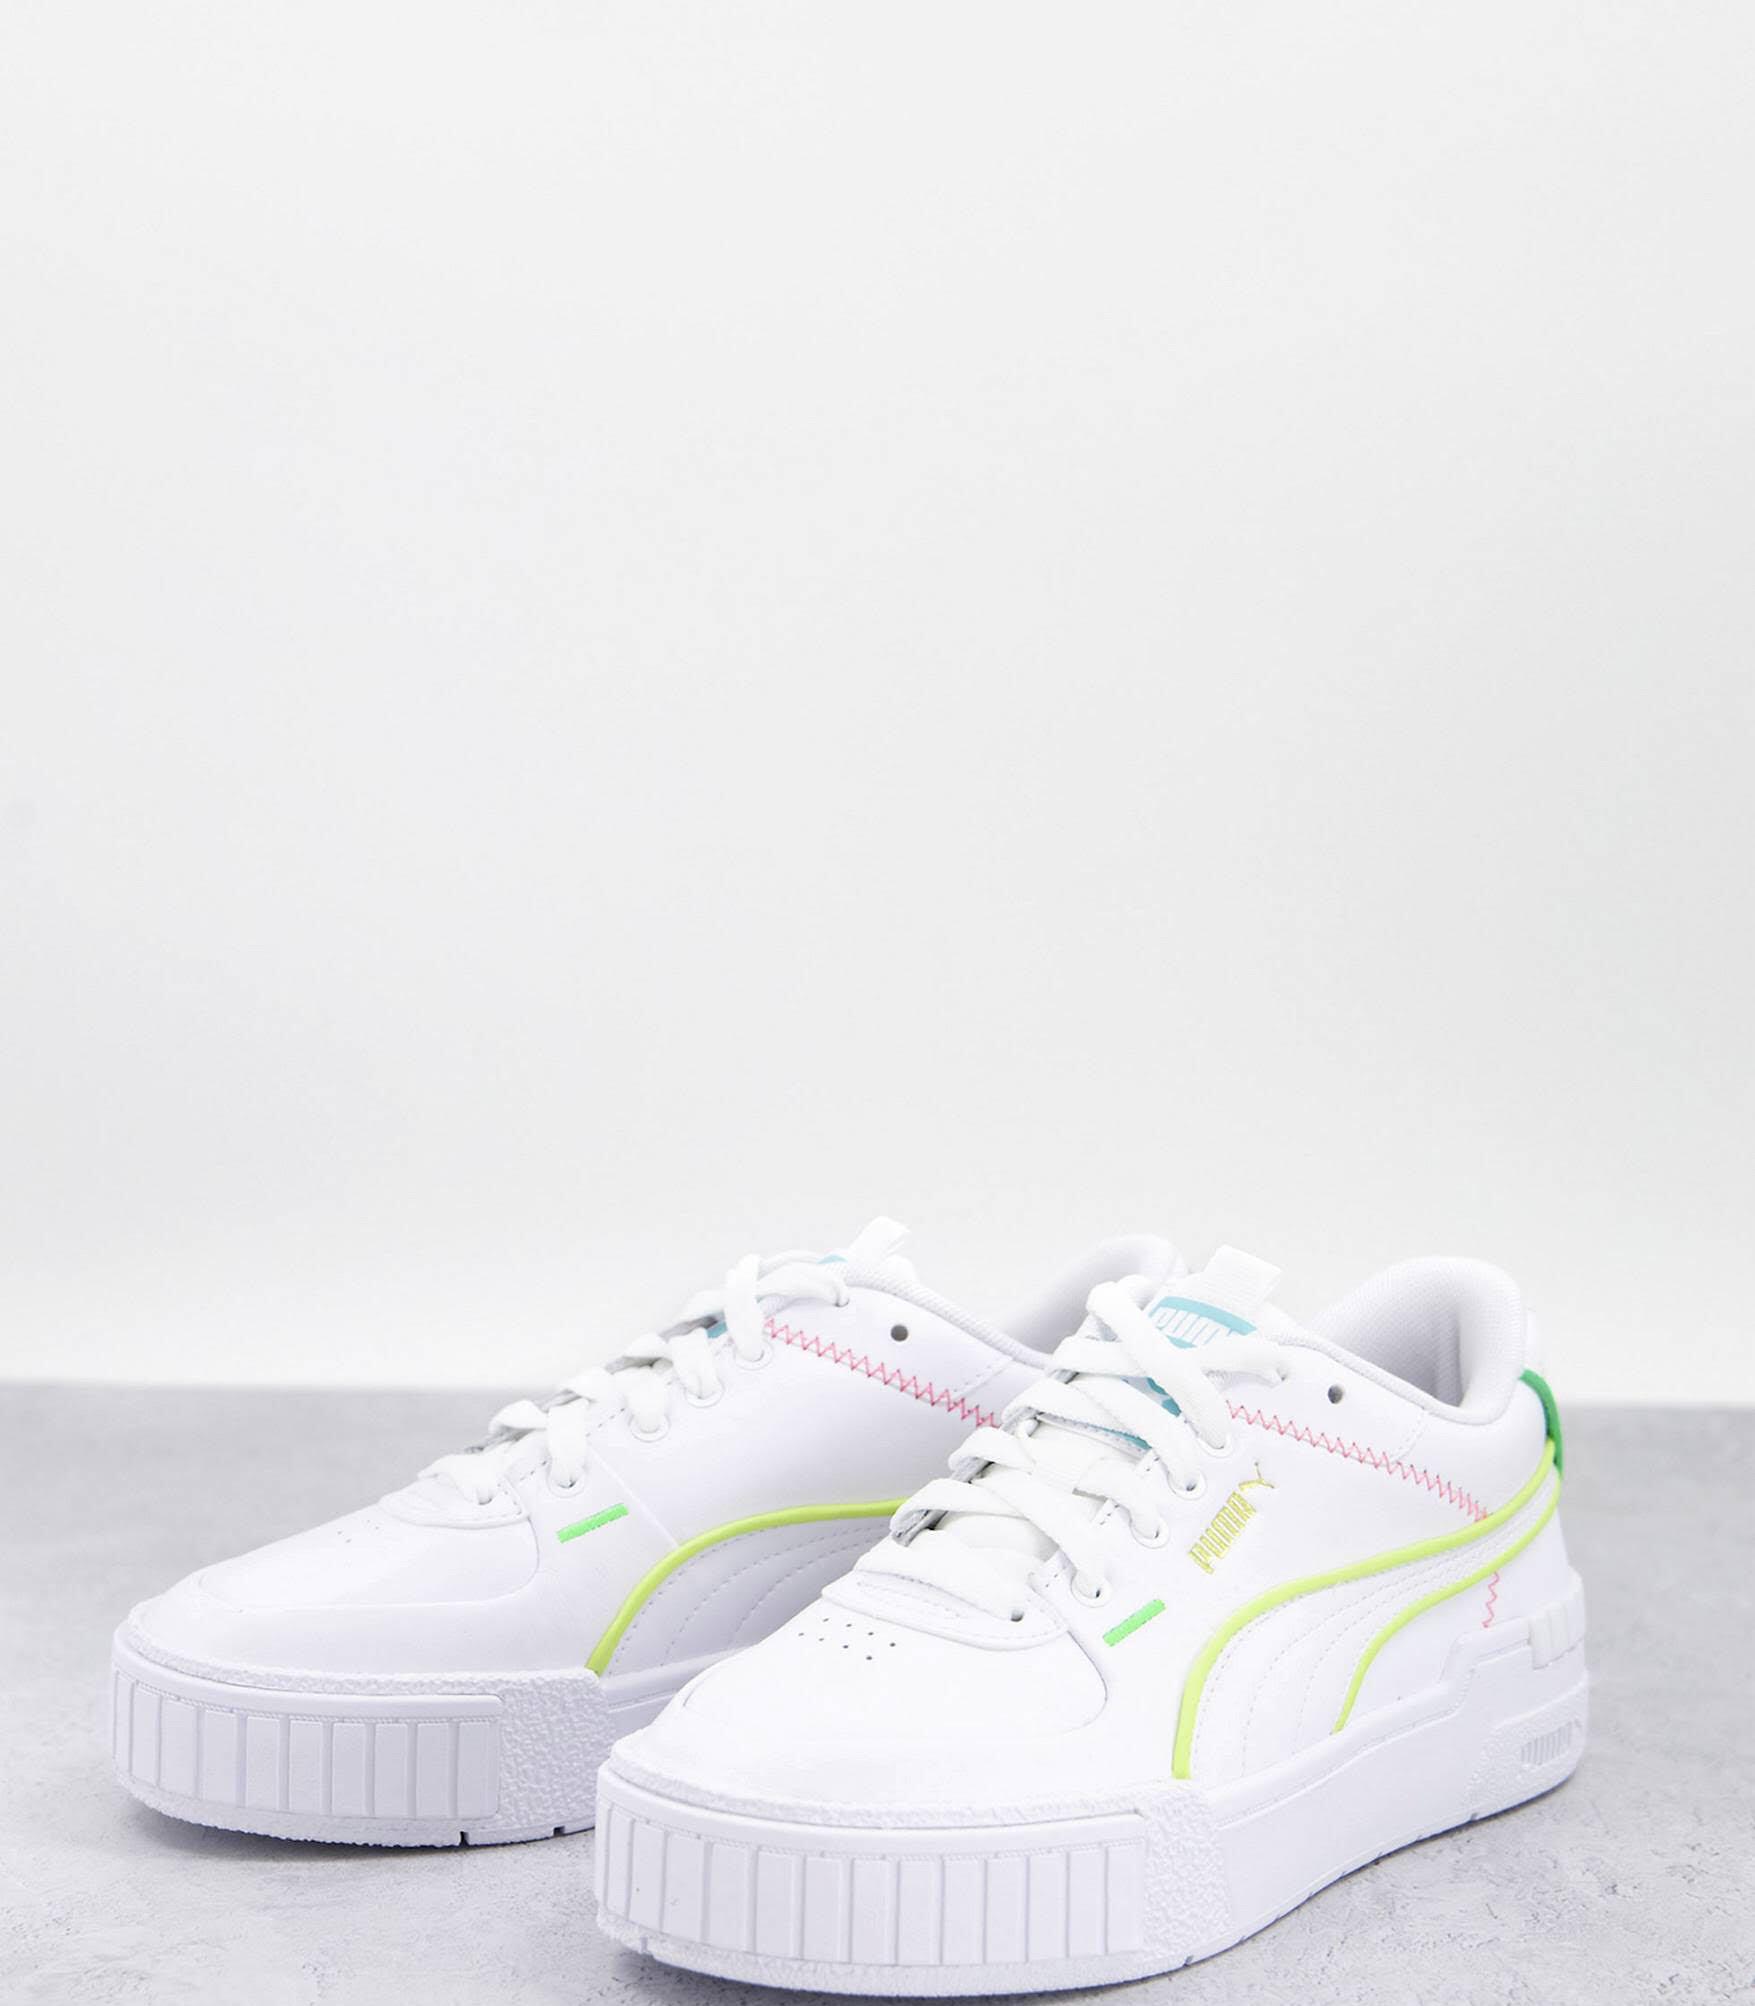 Zapatillas de deporte blancas con ribetes multicolores neón Cali Sport exclusivas en ASOS de PUMA